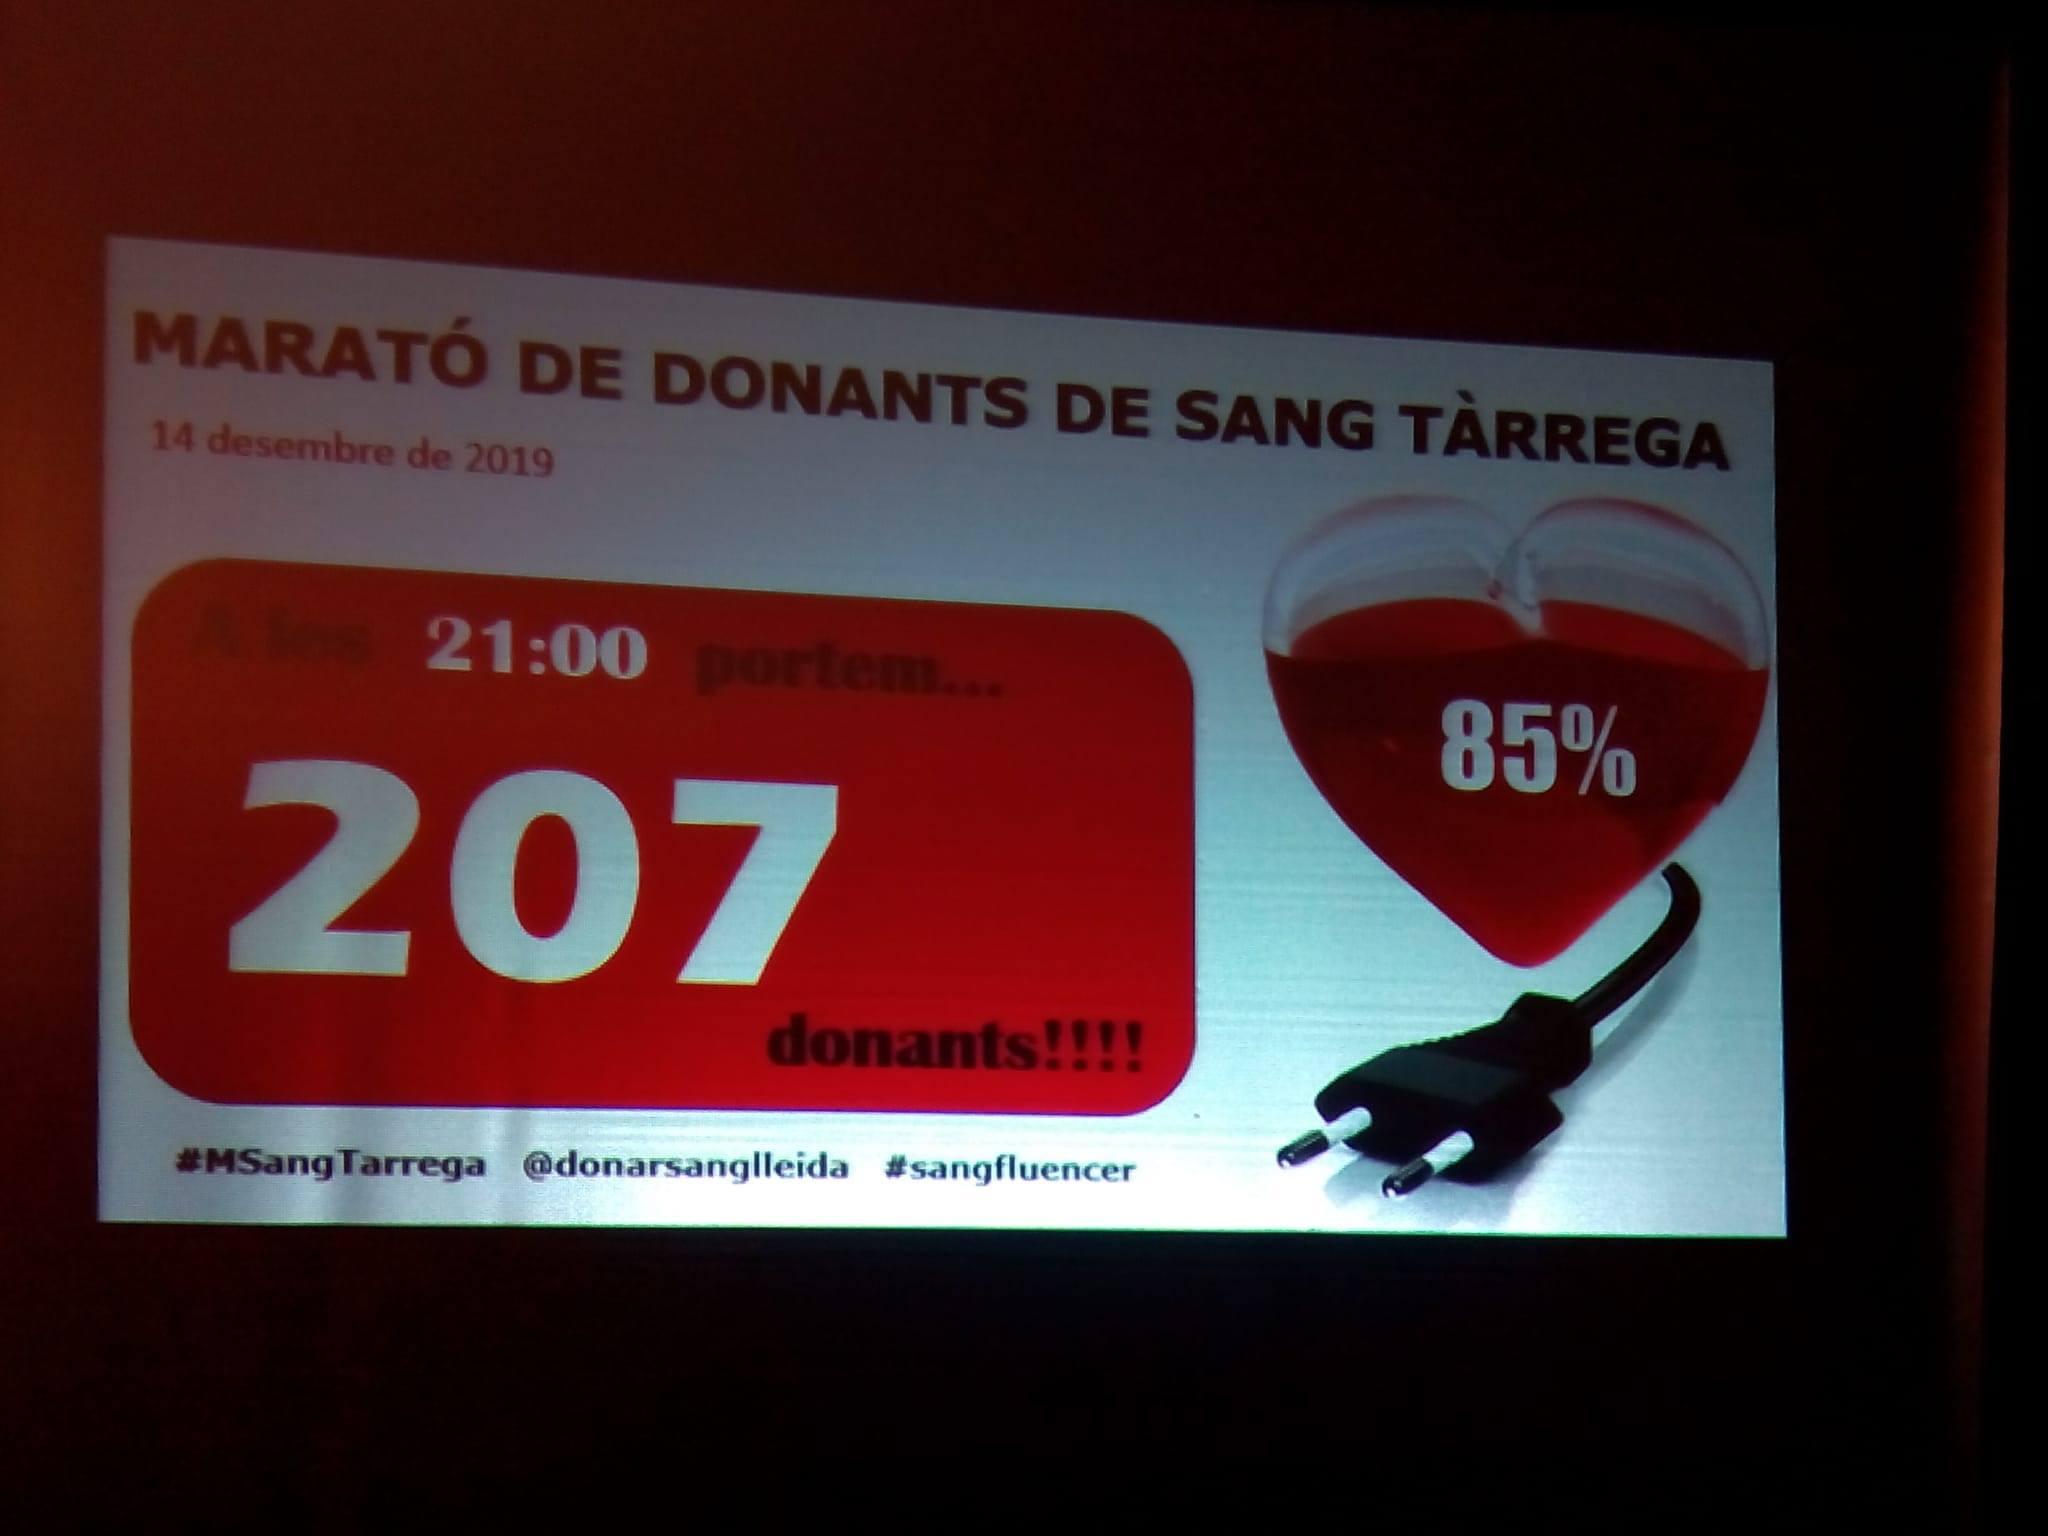 La Marató de Donants de Sang de Tàrrega es tanca amb 207 donacions